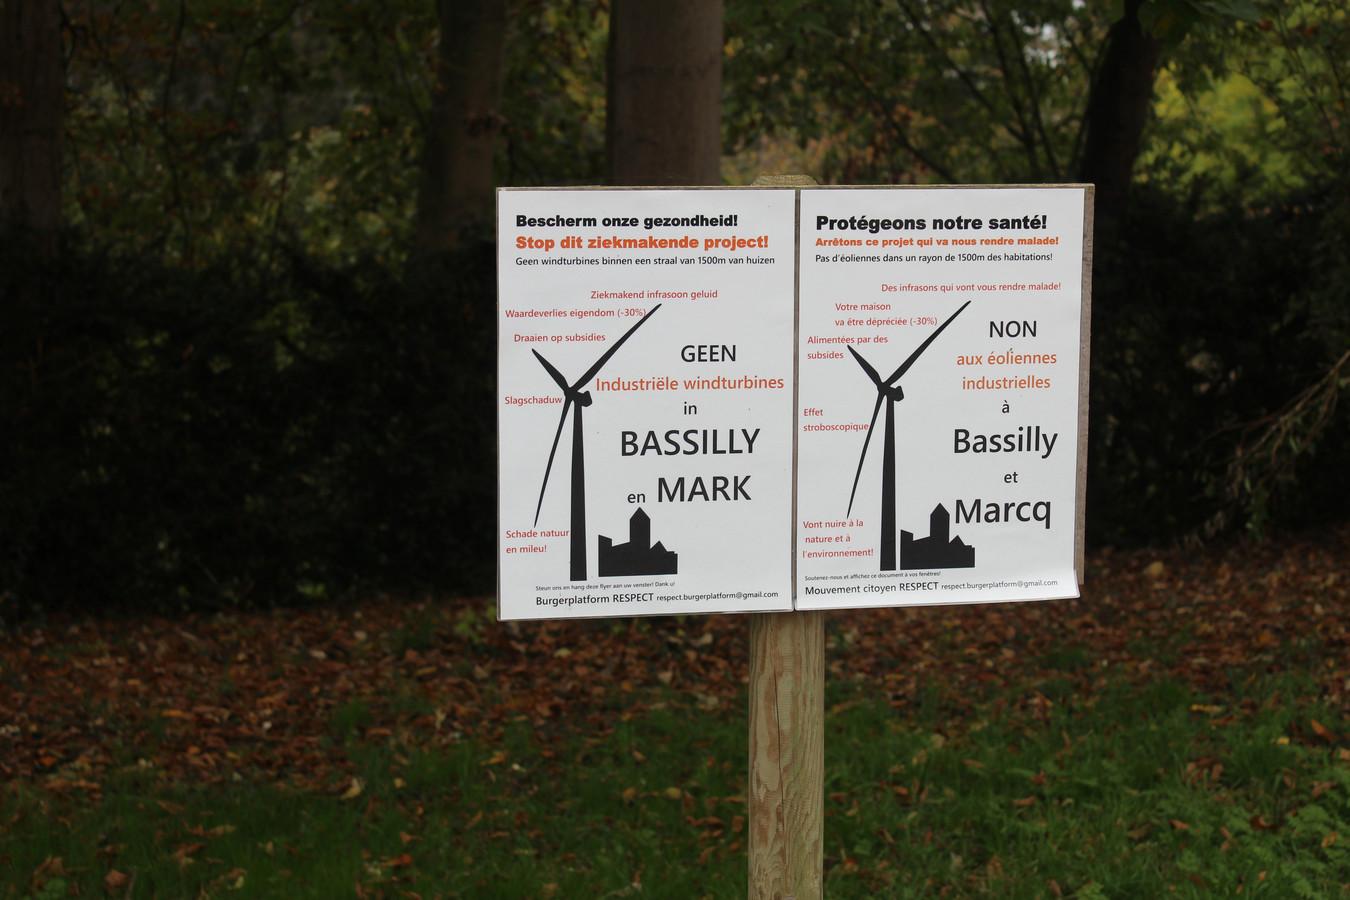 Opnieuw openbaar onderzoek gestart naar het windmolenpark Bassily van Eoly.